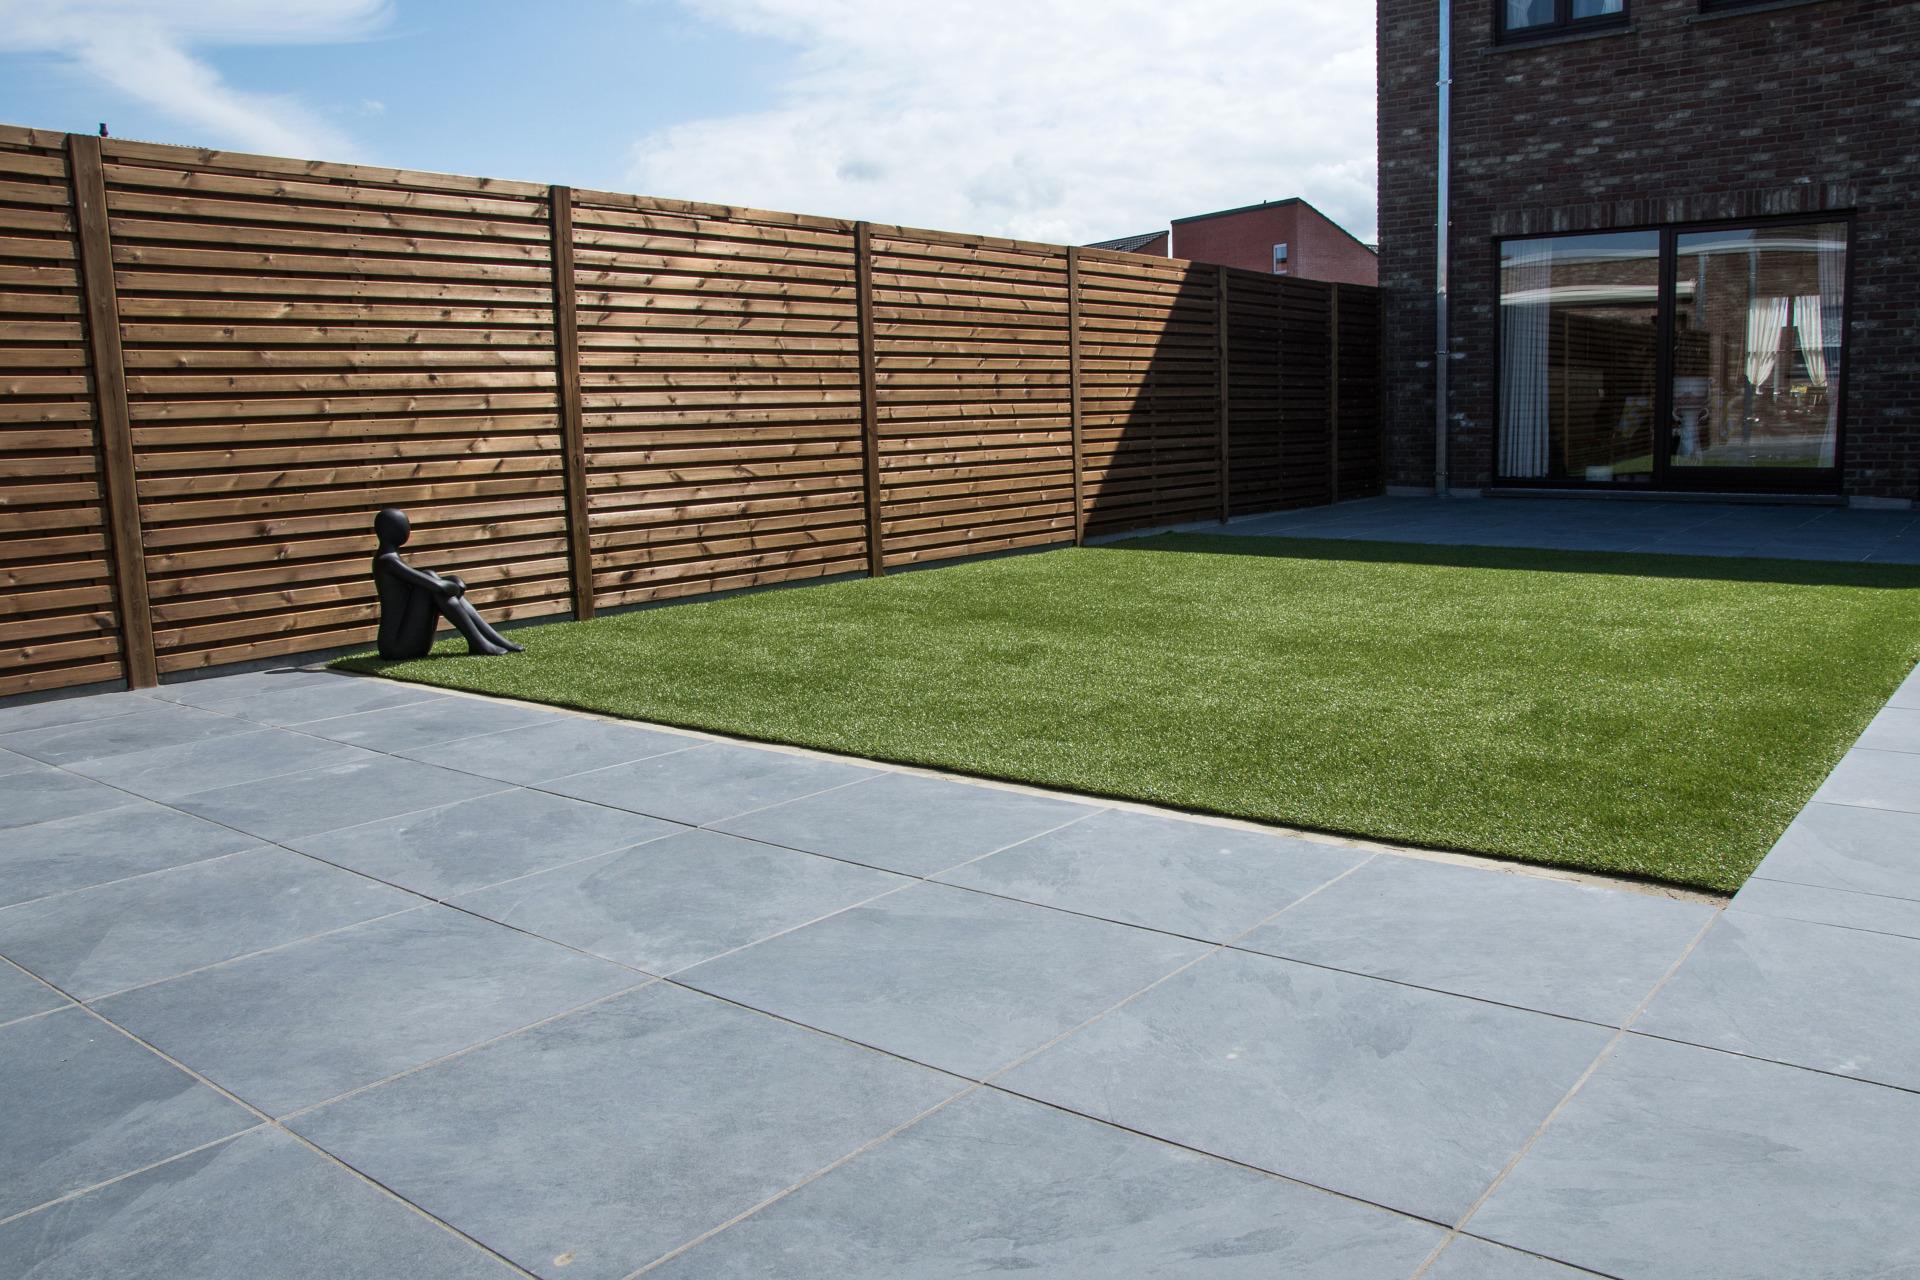 Terras keramische tegel 60x60 en kunstgras